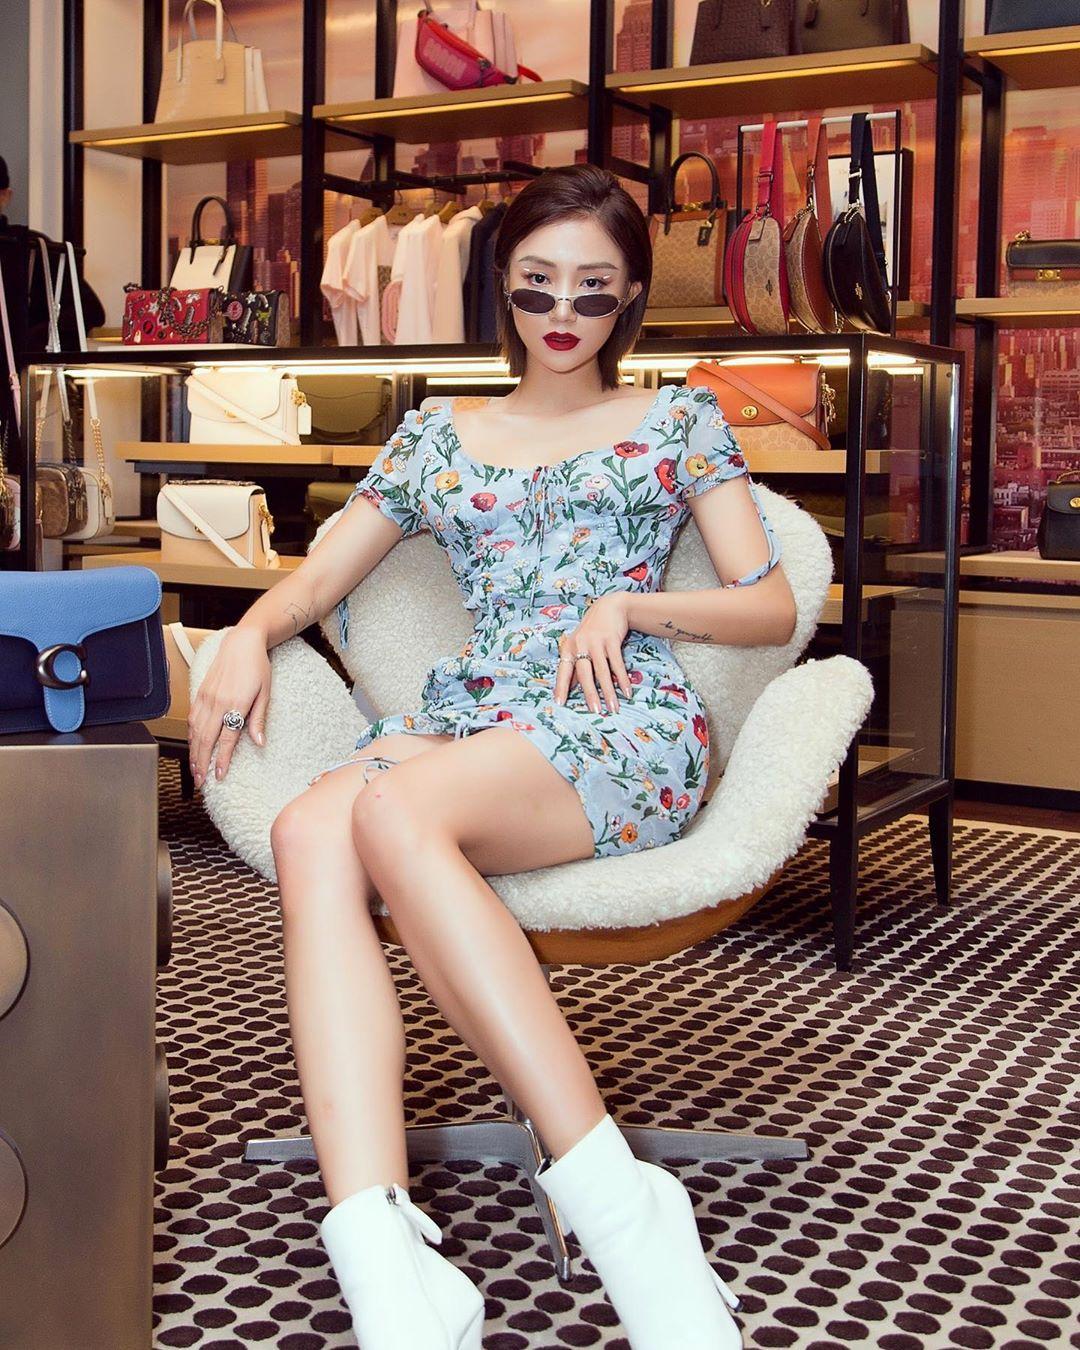 salim mặc đầm hoa và đeo kính râm